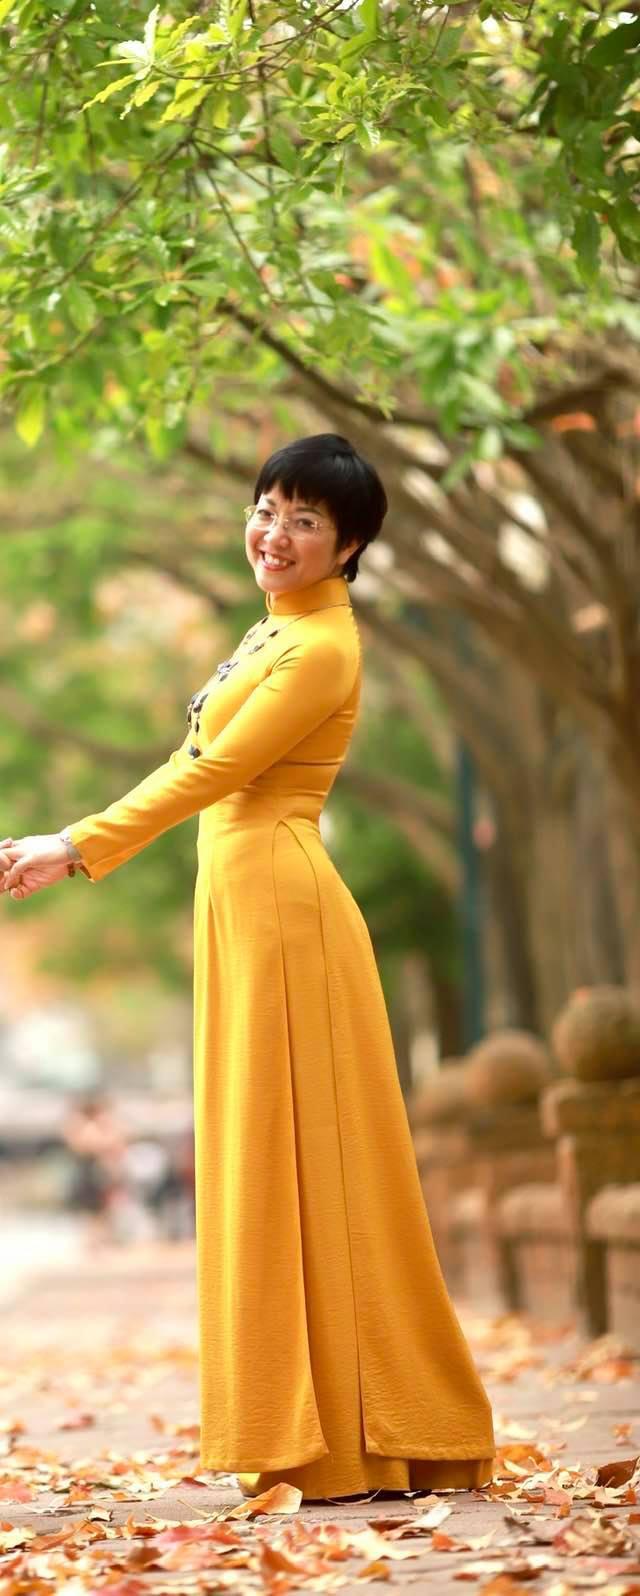 """MC Thảo Vân: """"Tôi vẫn luôn mong muốn có một gia đình êm ấm"""" - 1"""